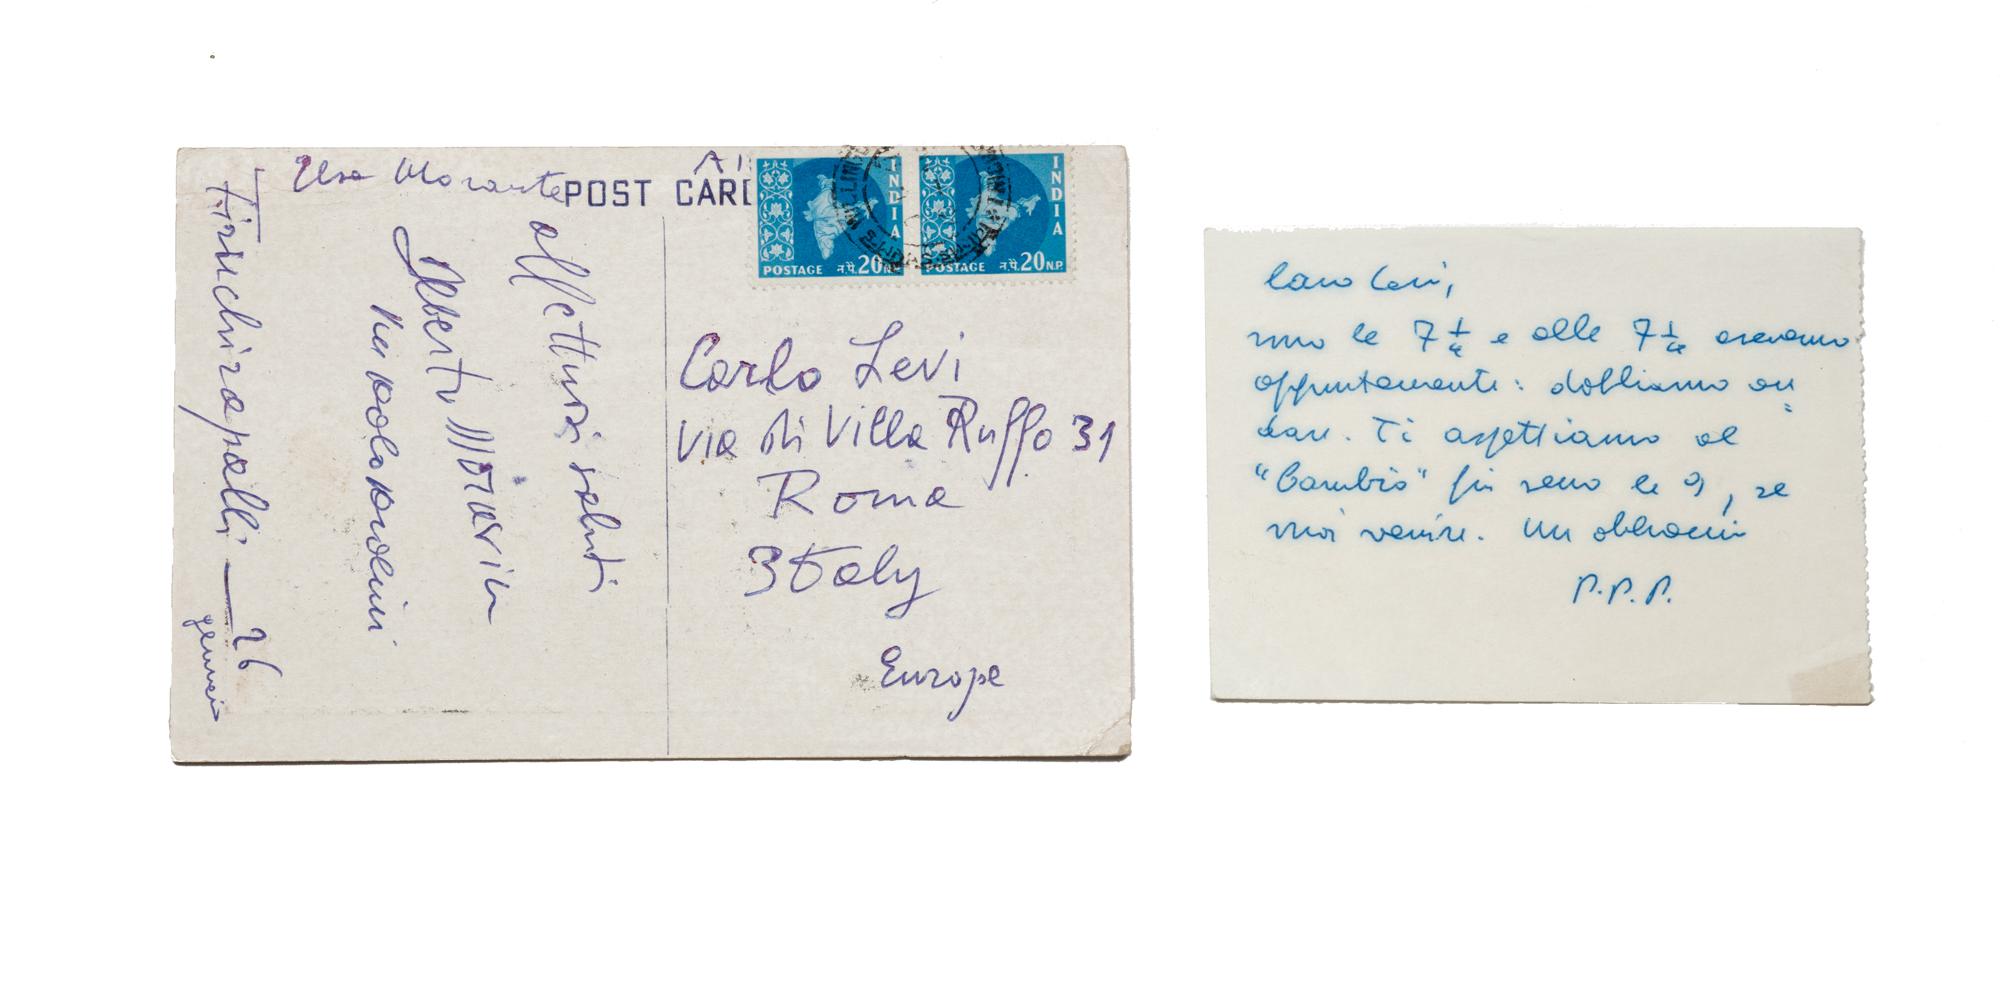 Biglietto autografo e cartolina